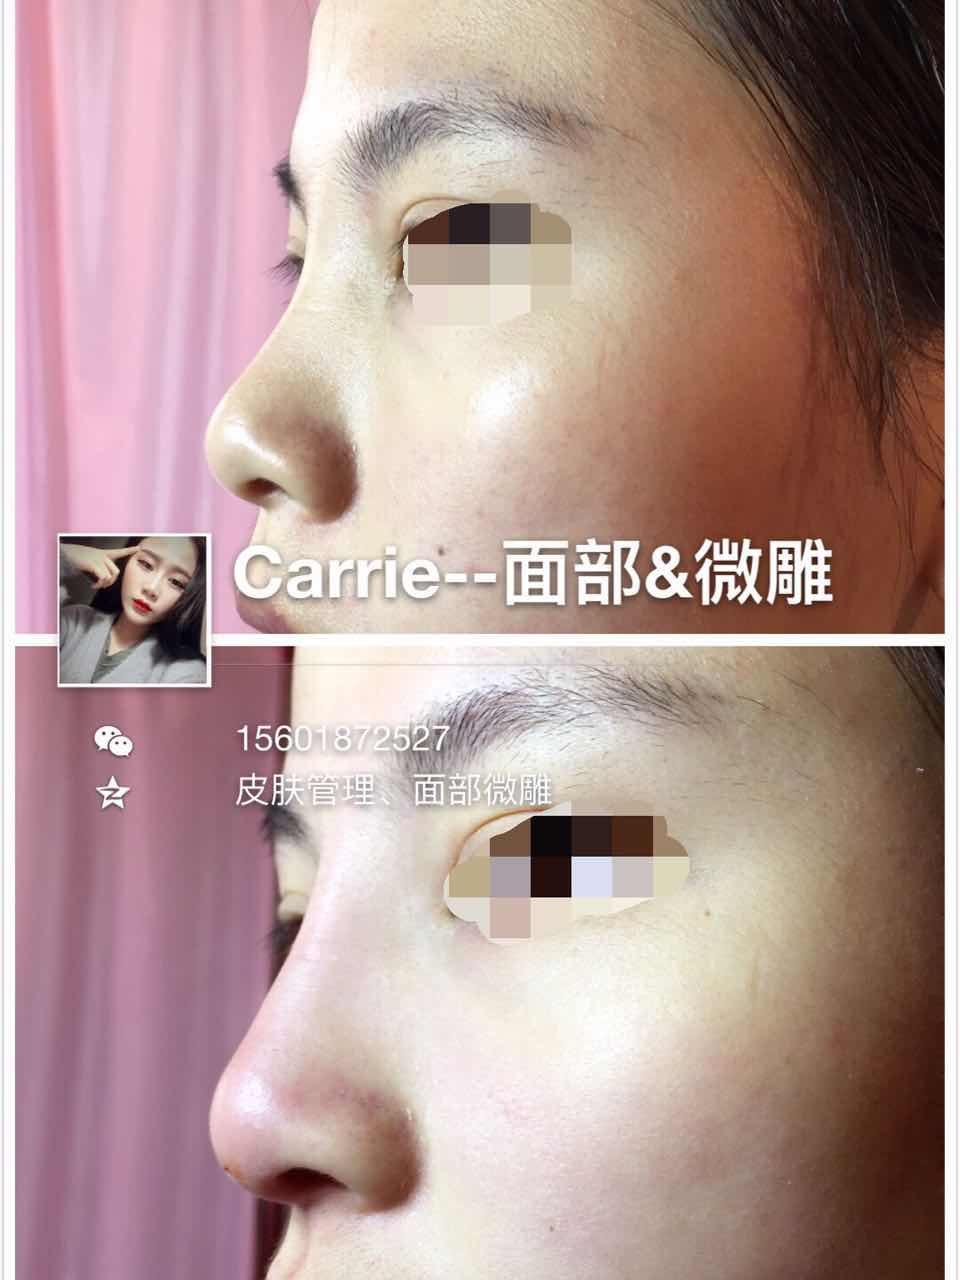 微雕隆鼻危害,她的鼻子有点宽现在拉高点就立体了不宽了,鼻小柱出来拉长鼻型